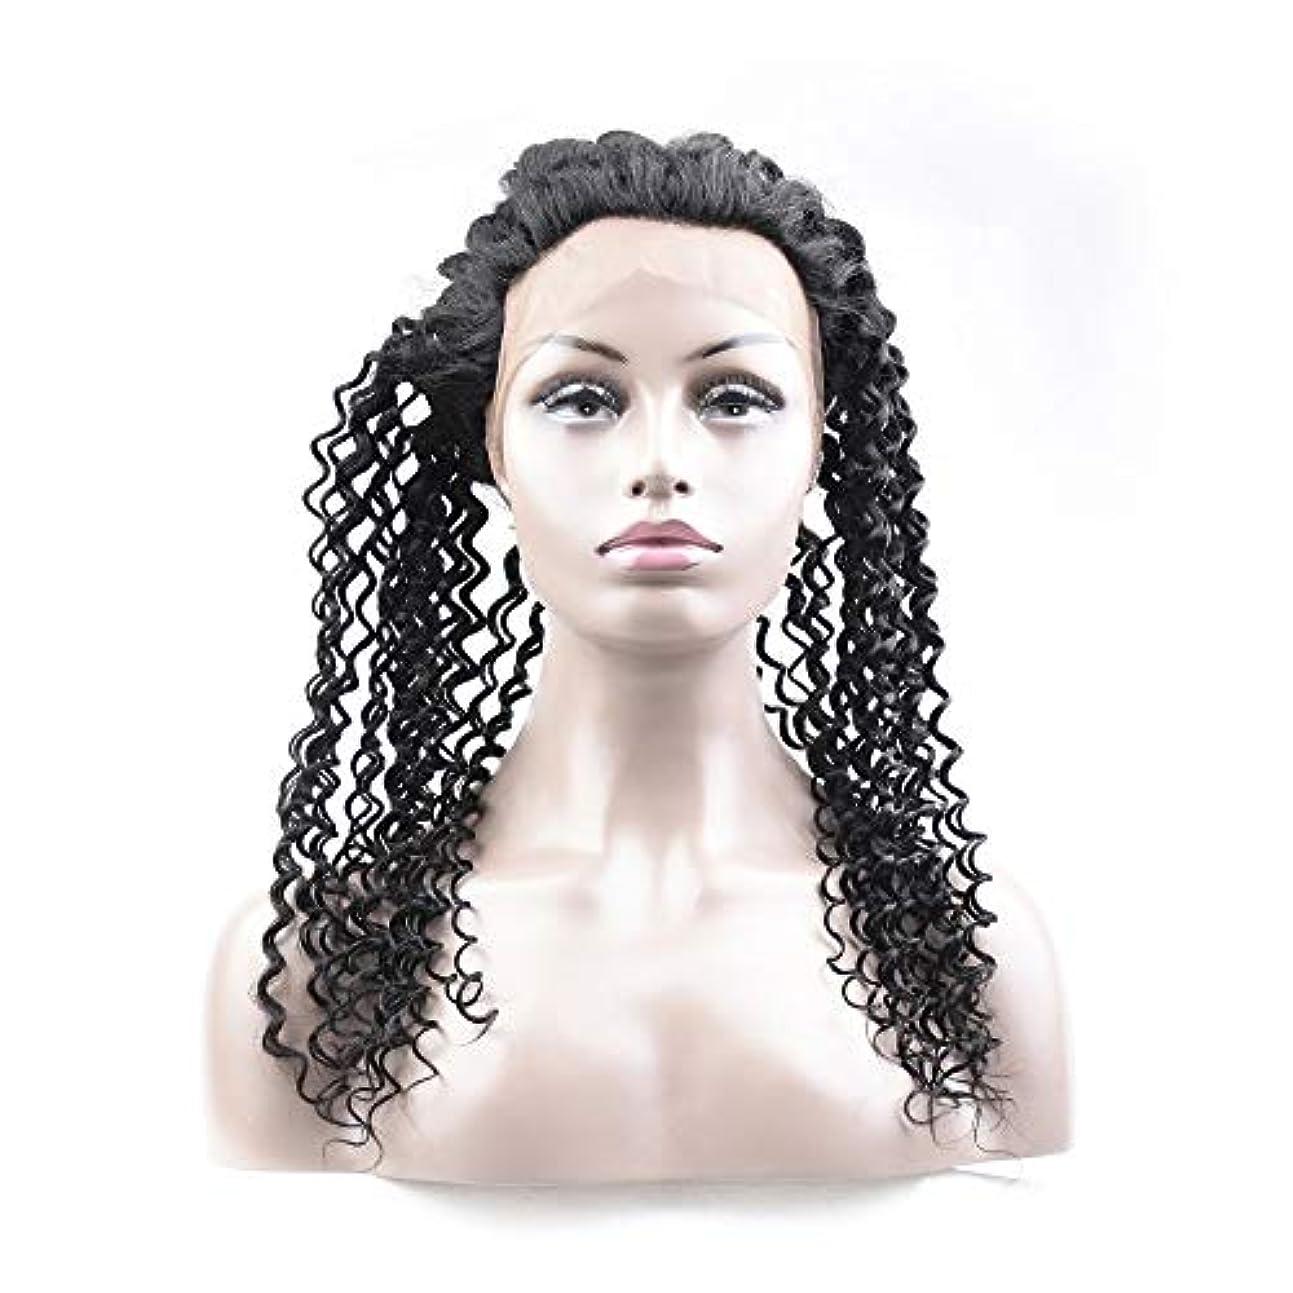 娯楽インド行くWASAIO 女性のレースの前頭ウィッグ12インチの未処理のバージン毛かつらNatualの色人毛レースフロントかつら用ウィッグキャップ (色 : 黒, サイズ : 18 inch)